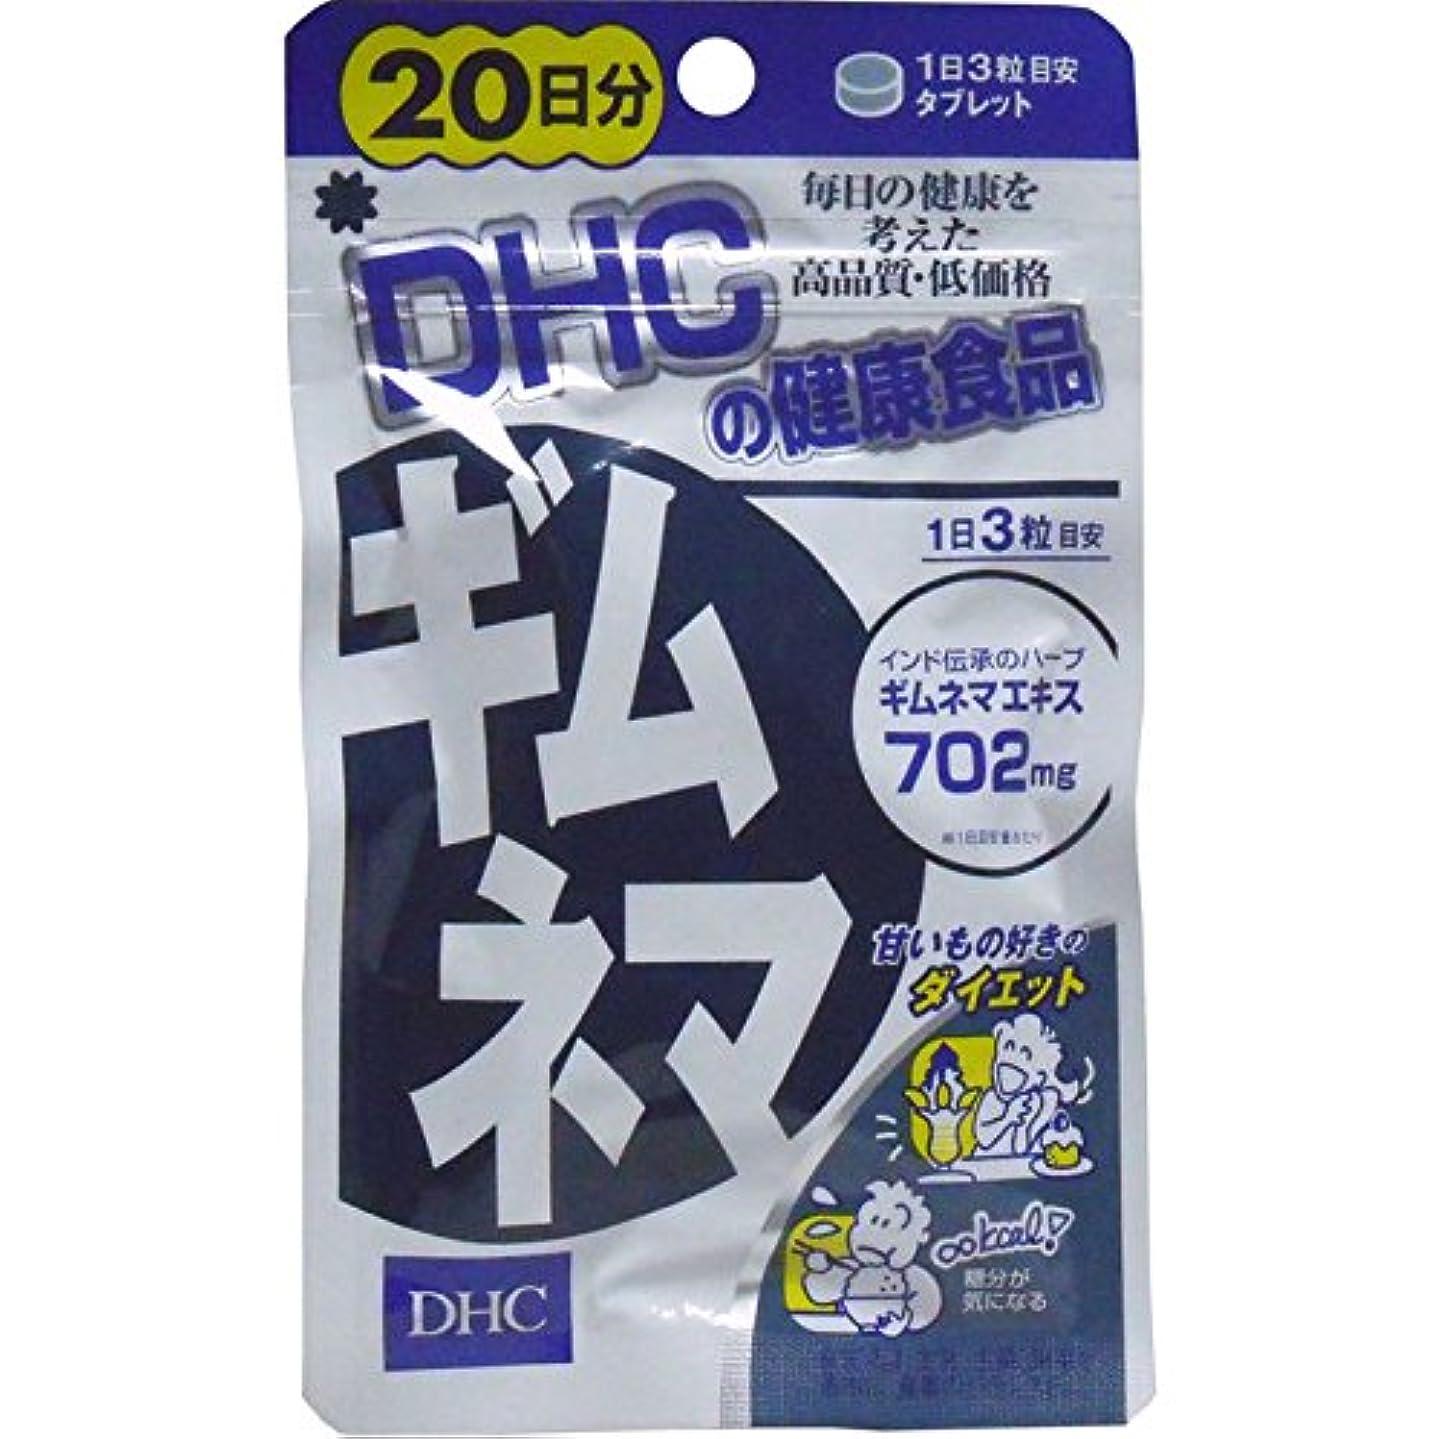 困難合唱団バンケット糖分や炭水化物を多く摂る人に DHC ギムネマ 20日分 60粒